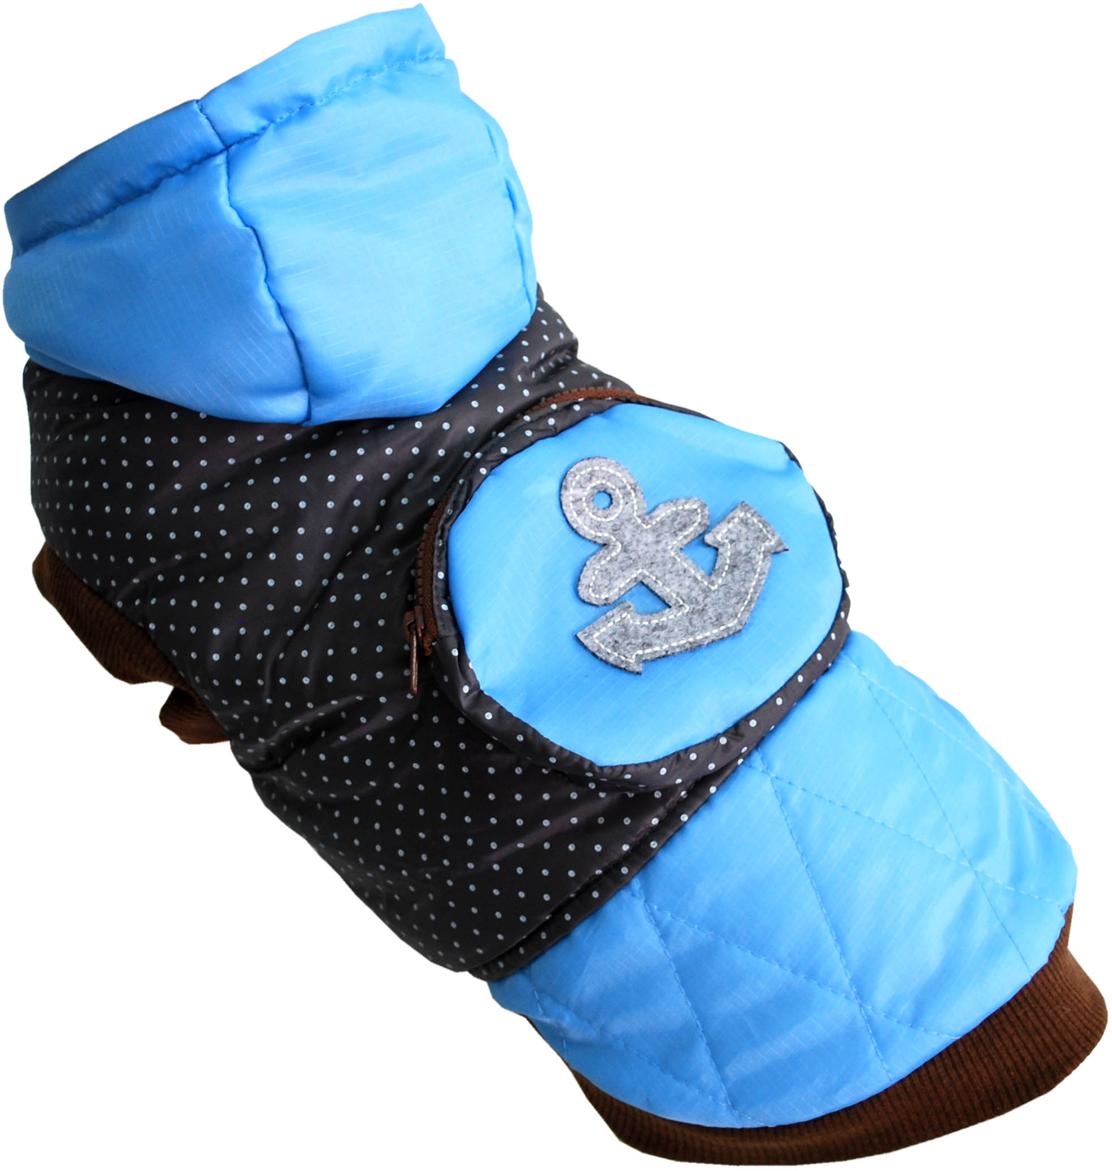 Куртка для собак Pet's INN  Якорь , унисекс, цвет: синий, голубой. Пет20Л. Размер L - Одежда, обувь, украшения - Одежда